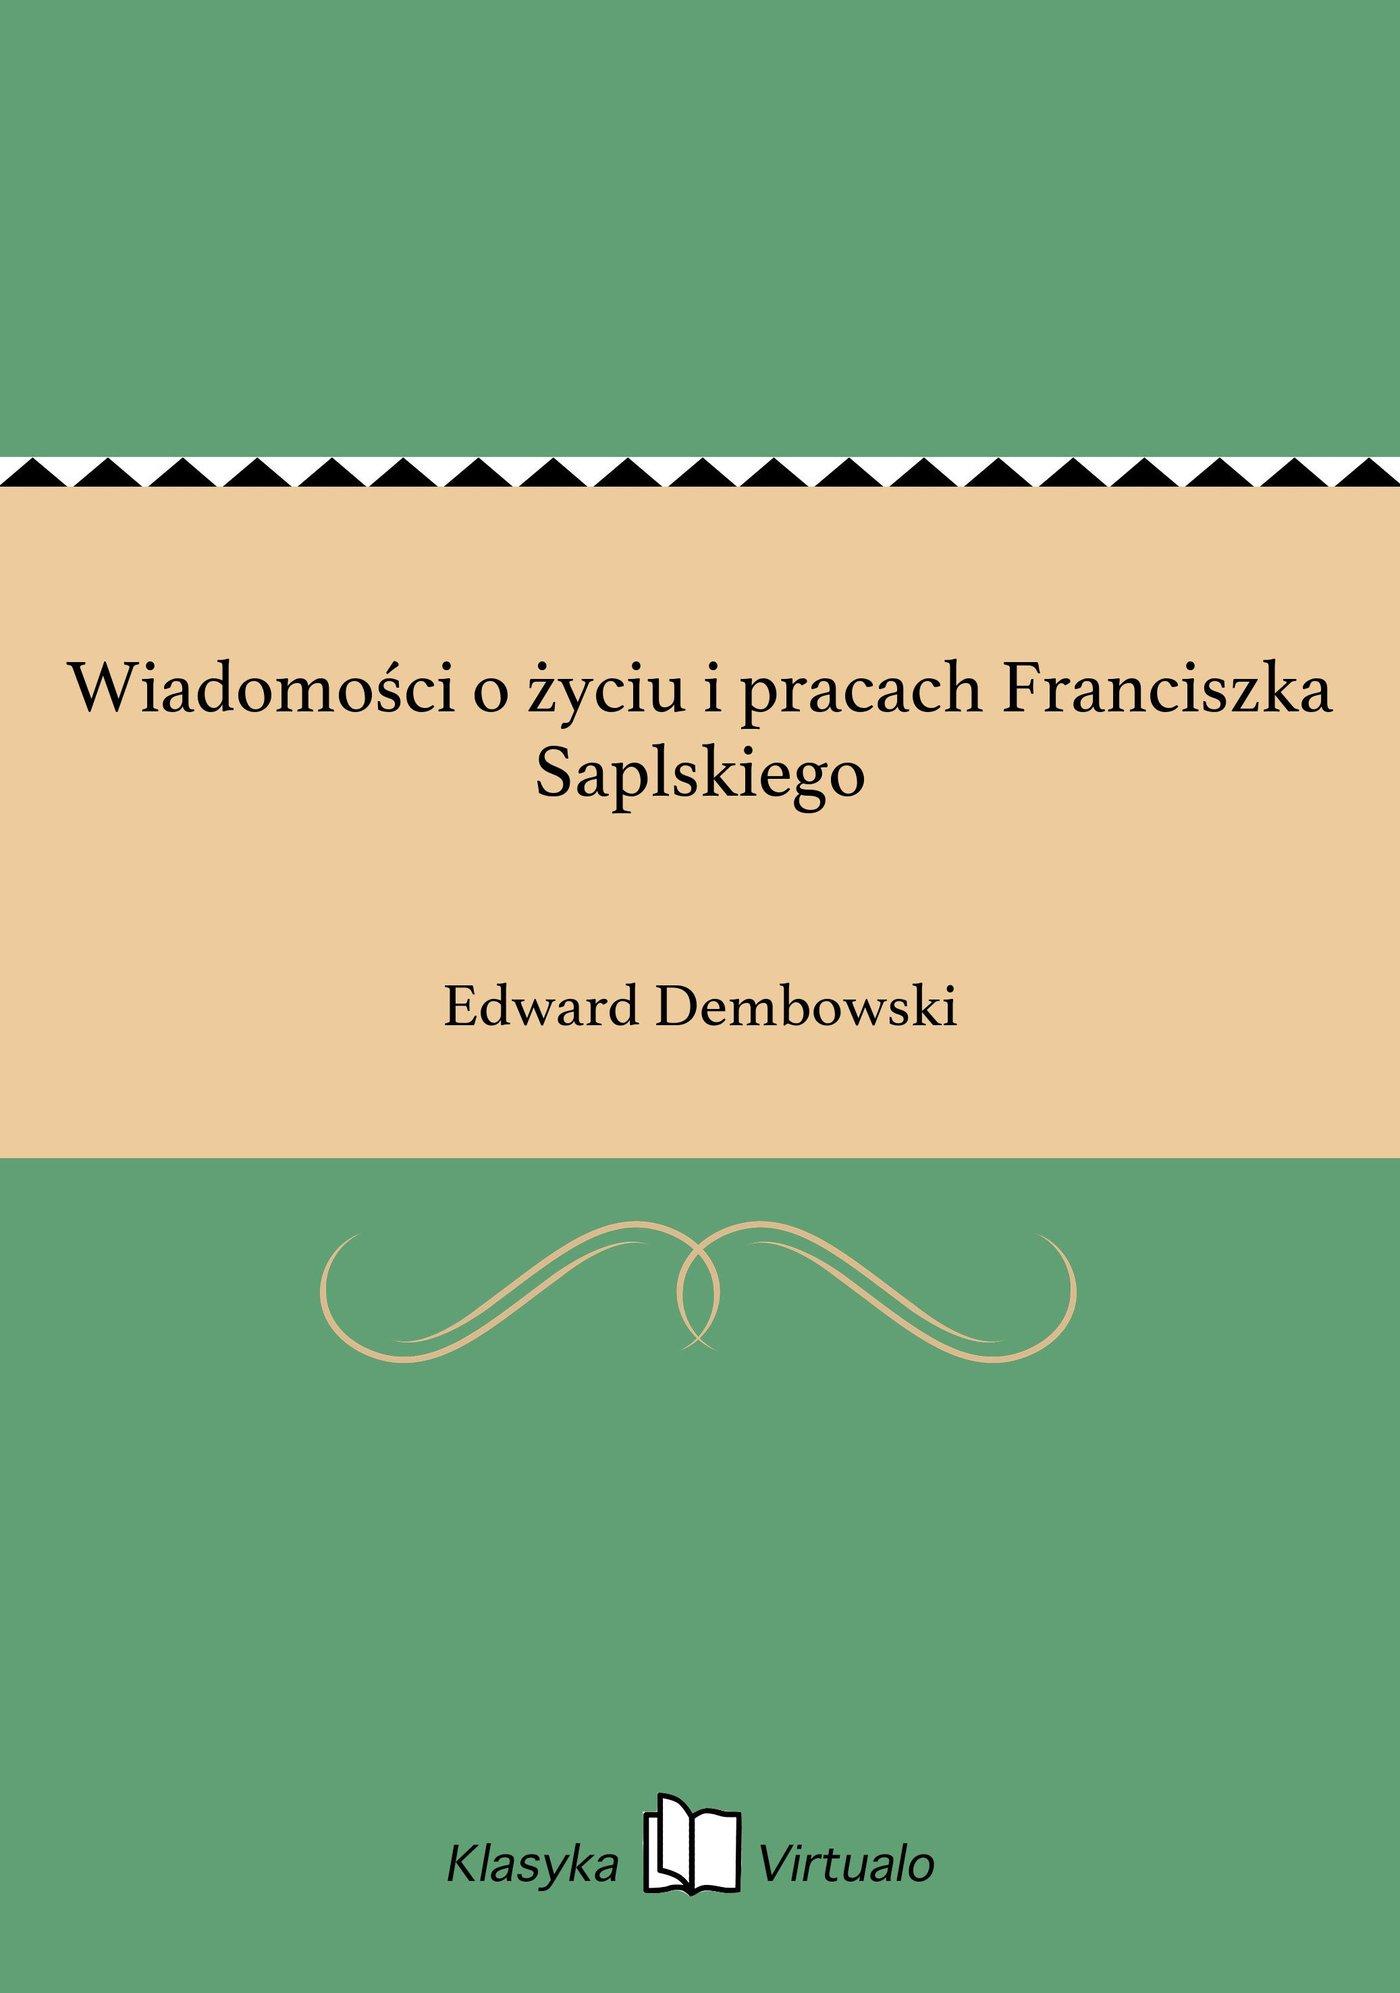 Wiadomości o życiu i pracach Franciszka Saplskiego - Ebook (Książka na Kindle) do pobrania w formacie MOBI